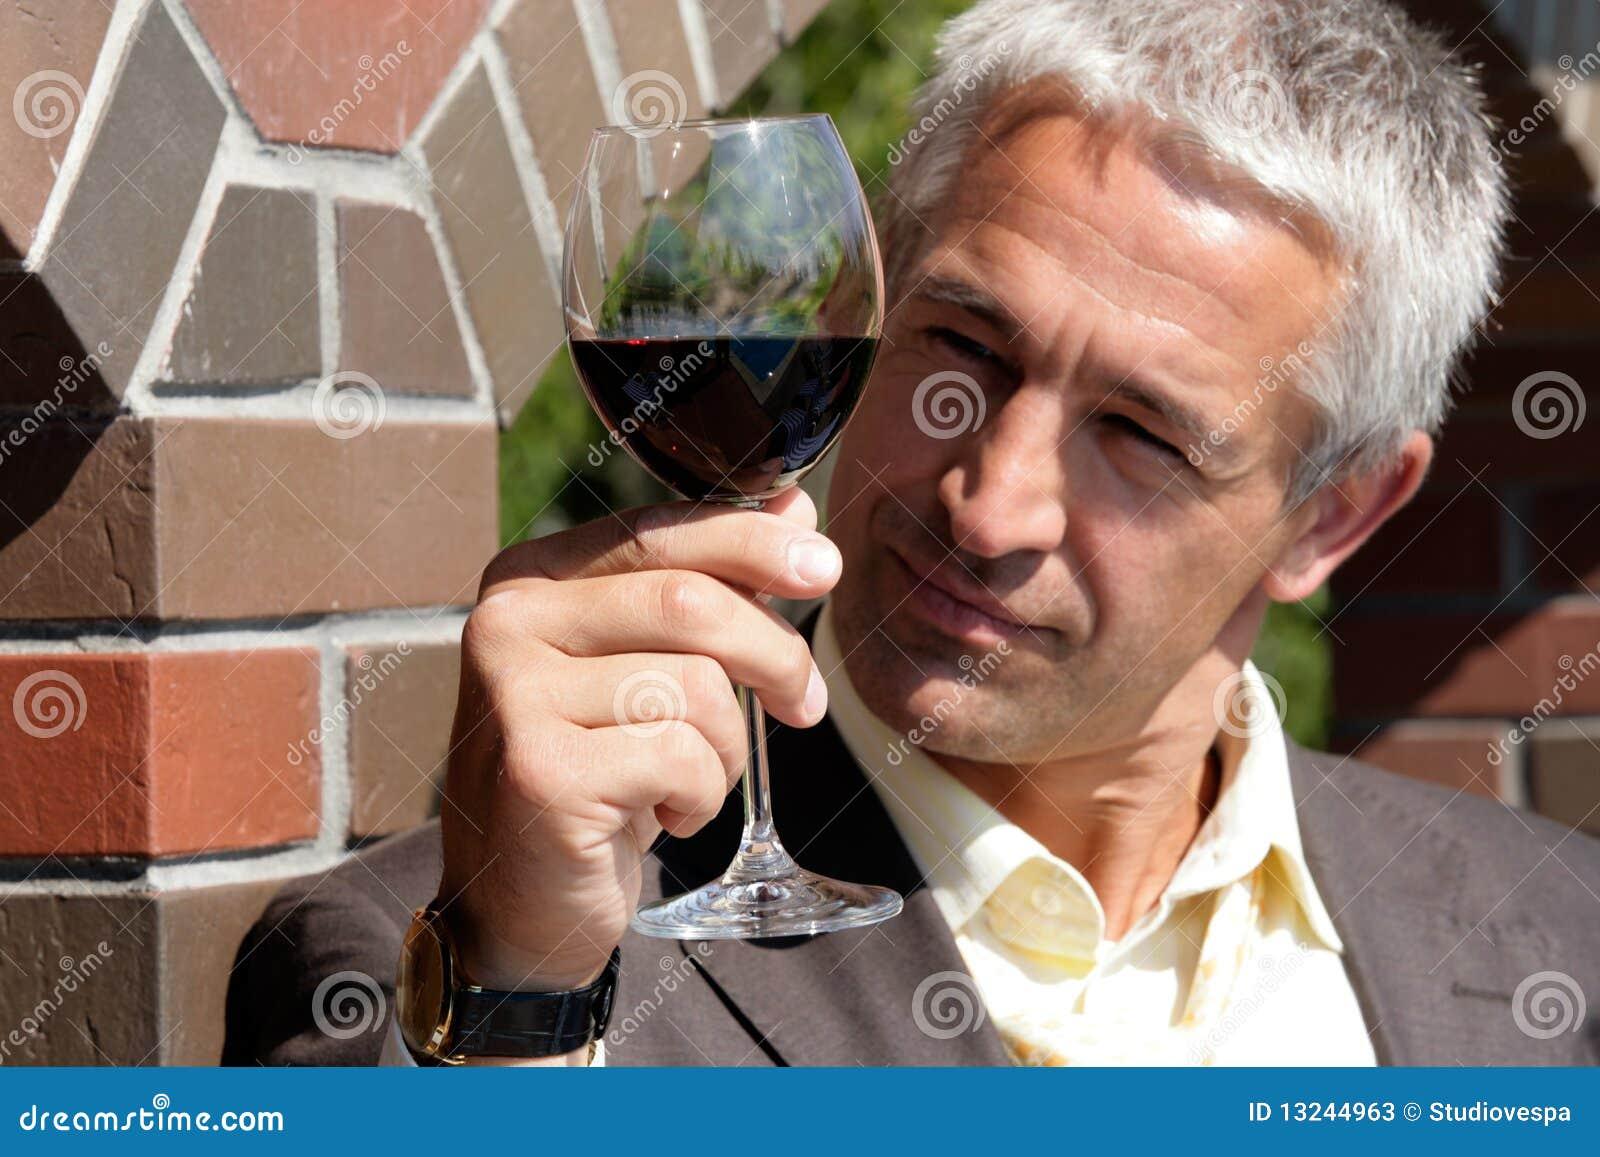 Glass manrött vin